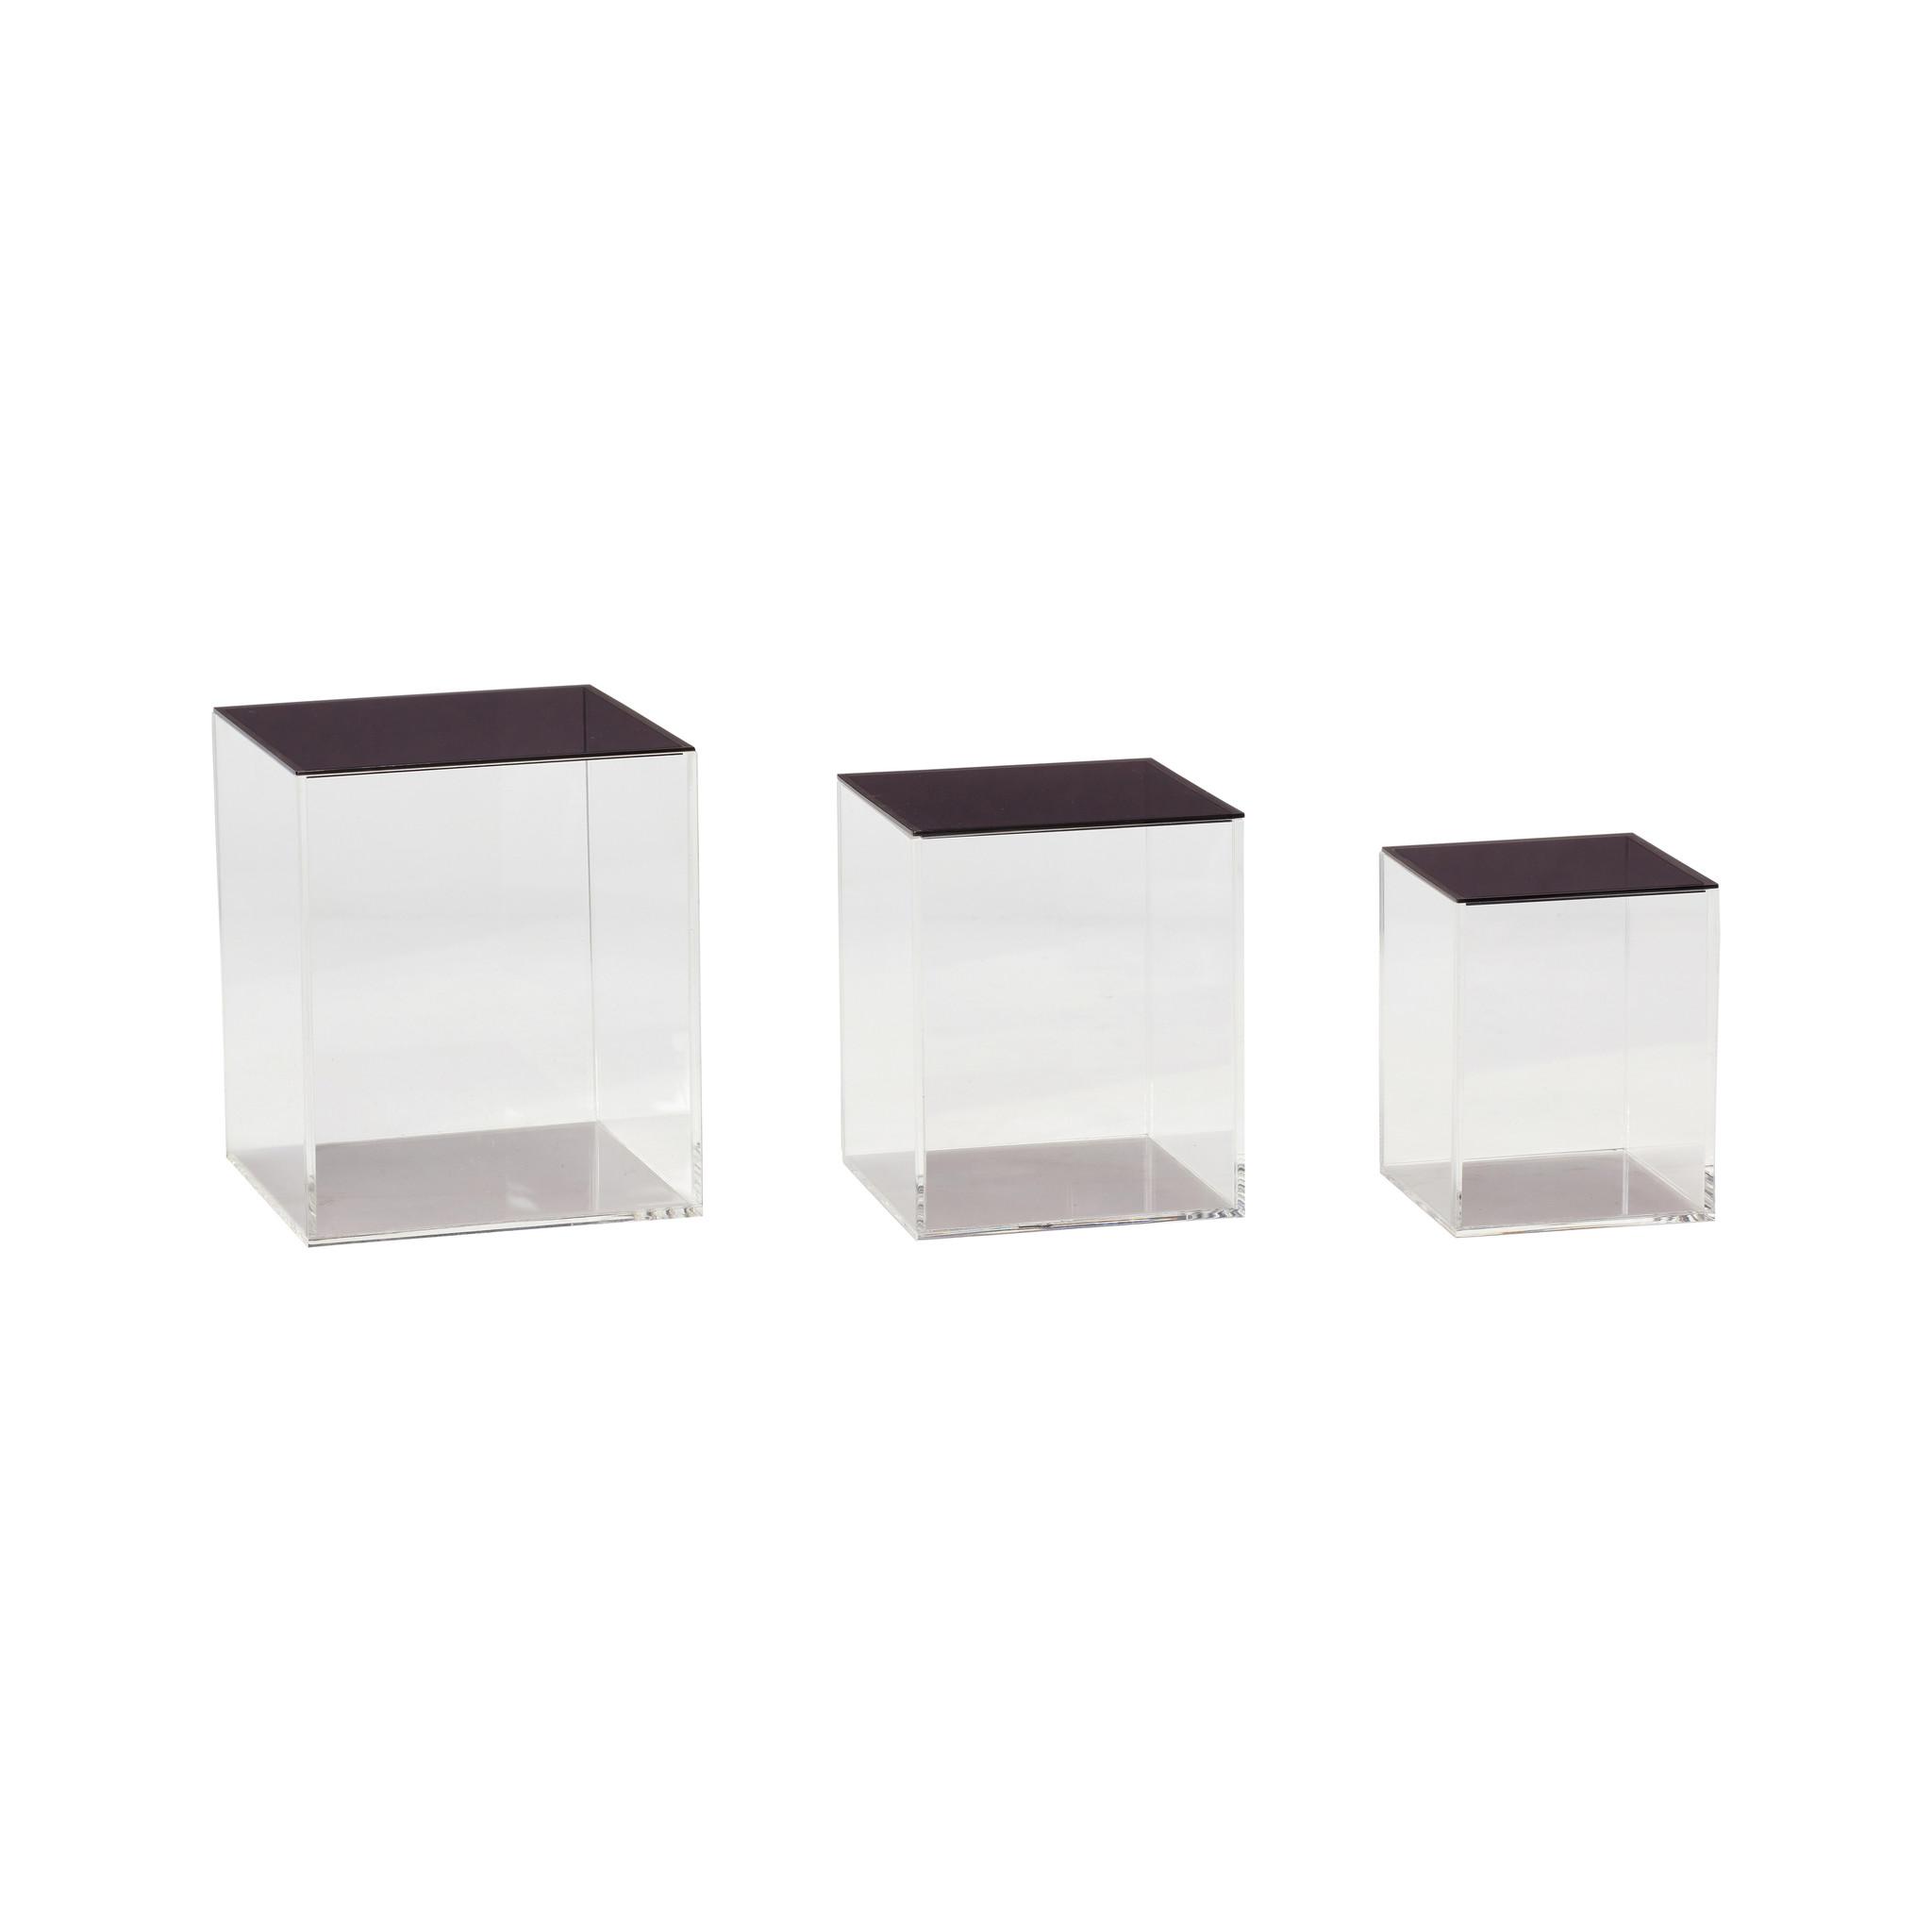 Hubsch Doos met deksel, acryl, transparant / zwart, set van 3-120407-5712772059371